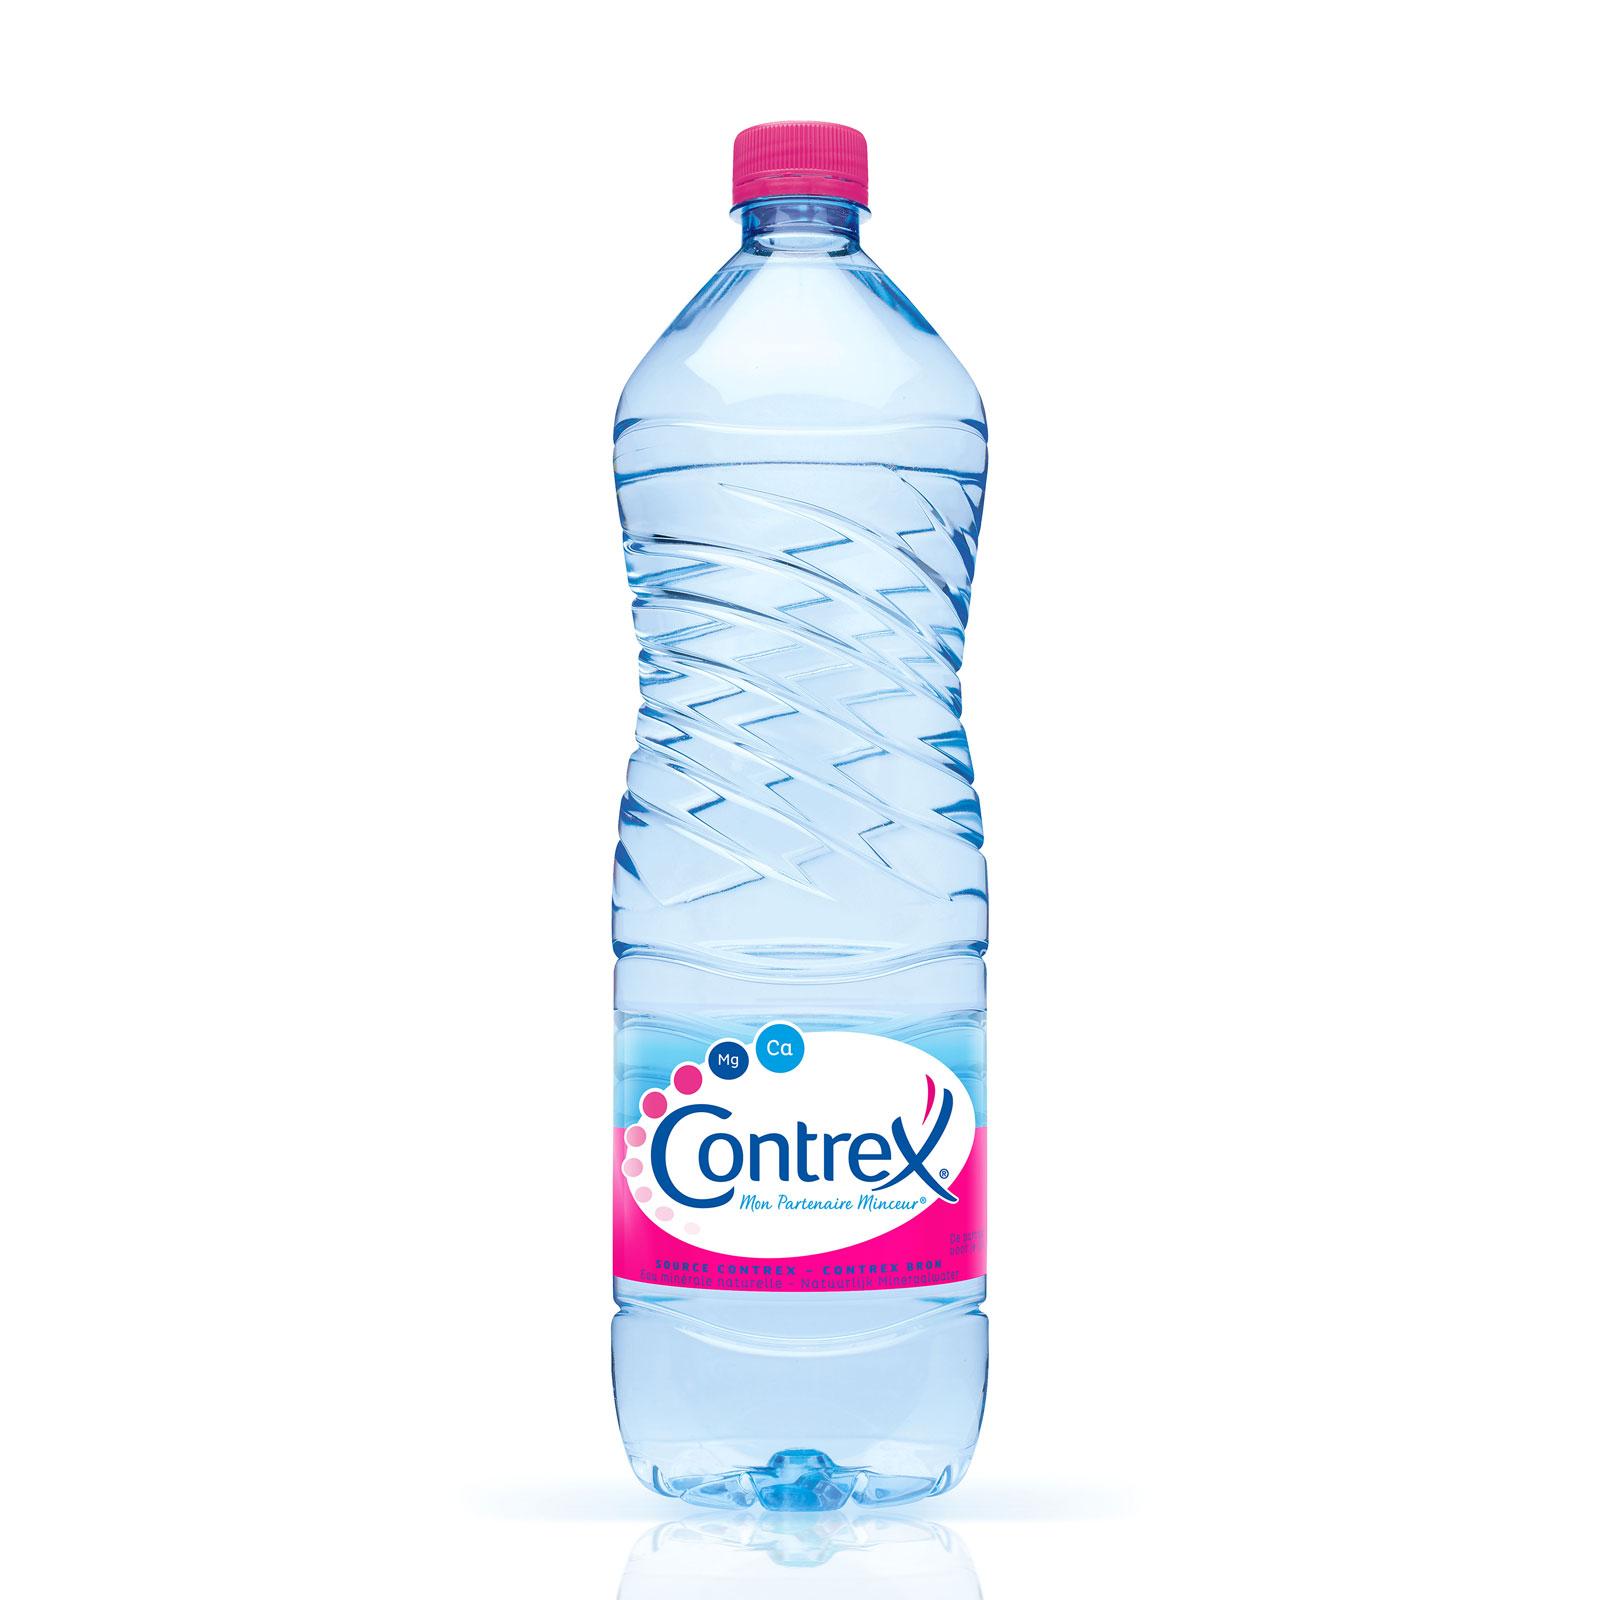 Вода Contrex Негазированная 1,5 л (пластик)<br>